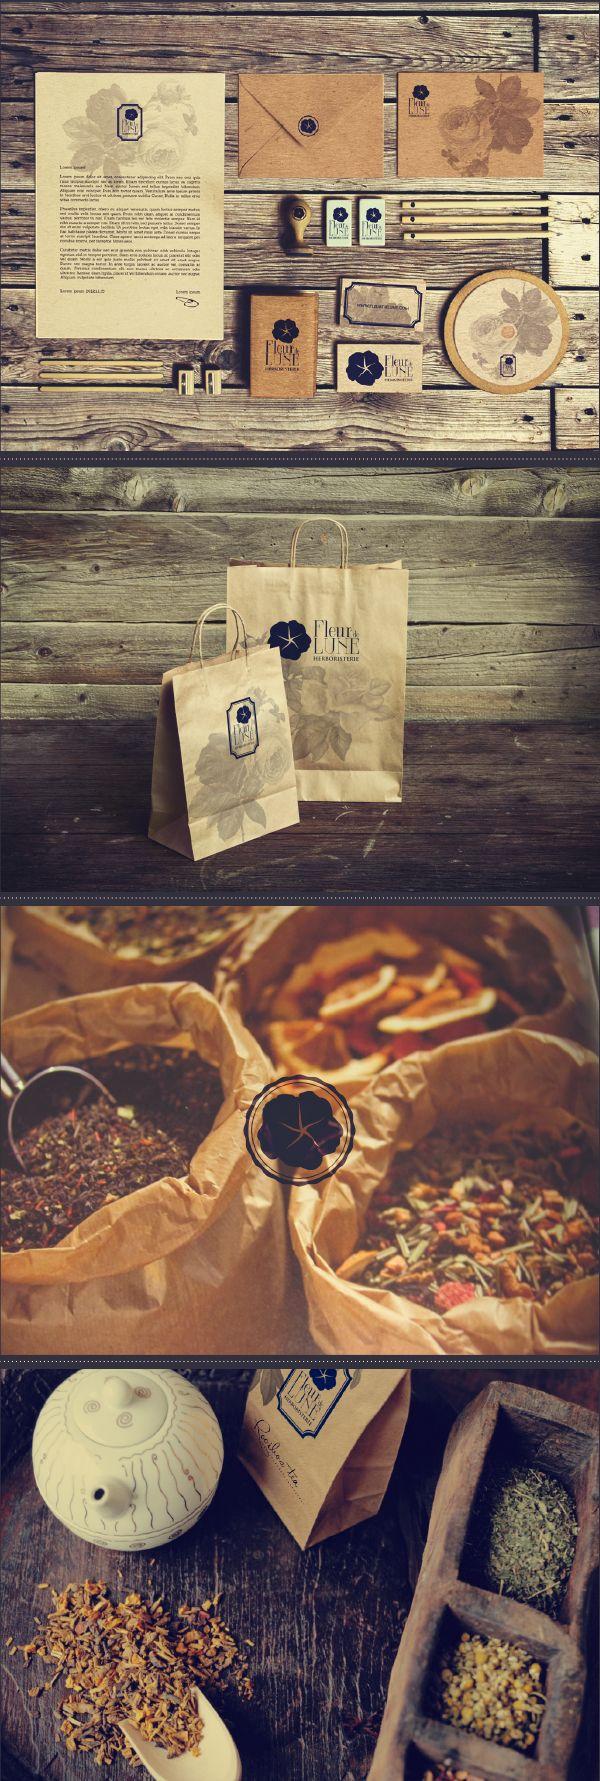 Branding: Fleur de Lune Herbalist Shop by Carla Sartori